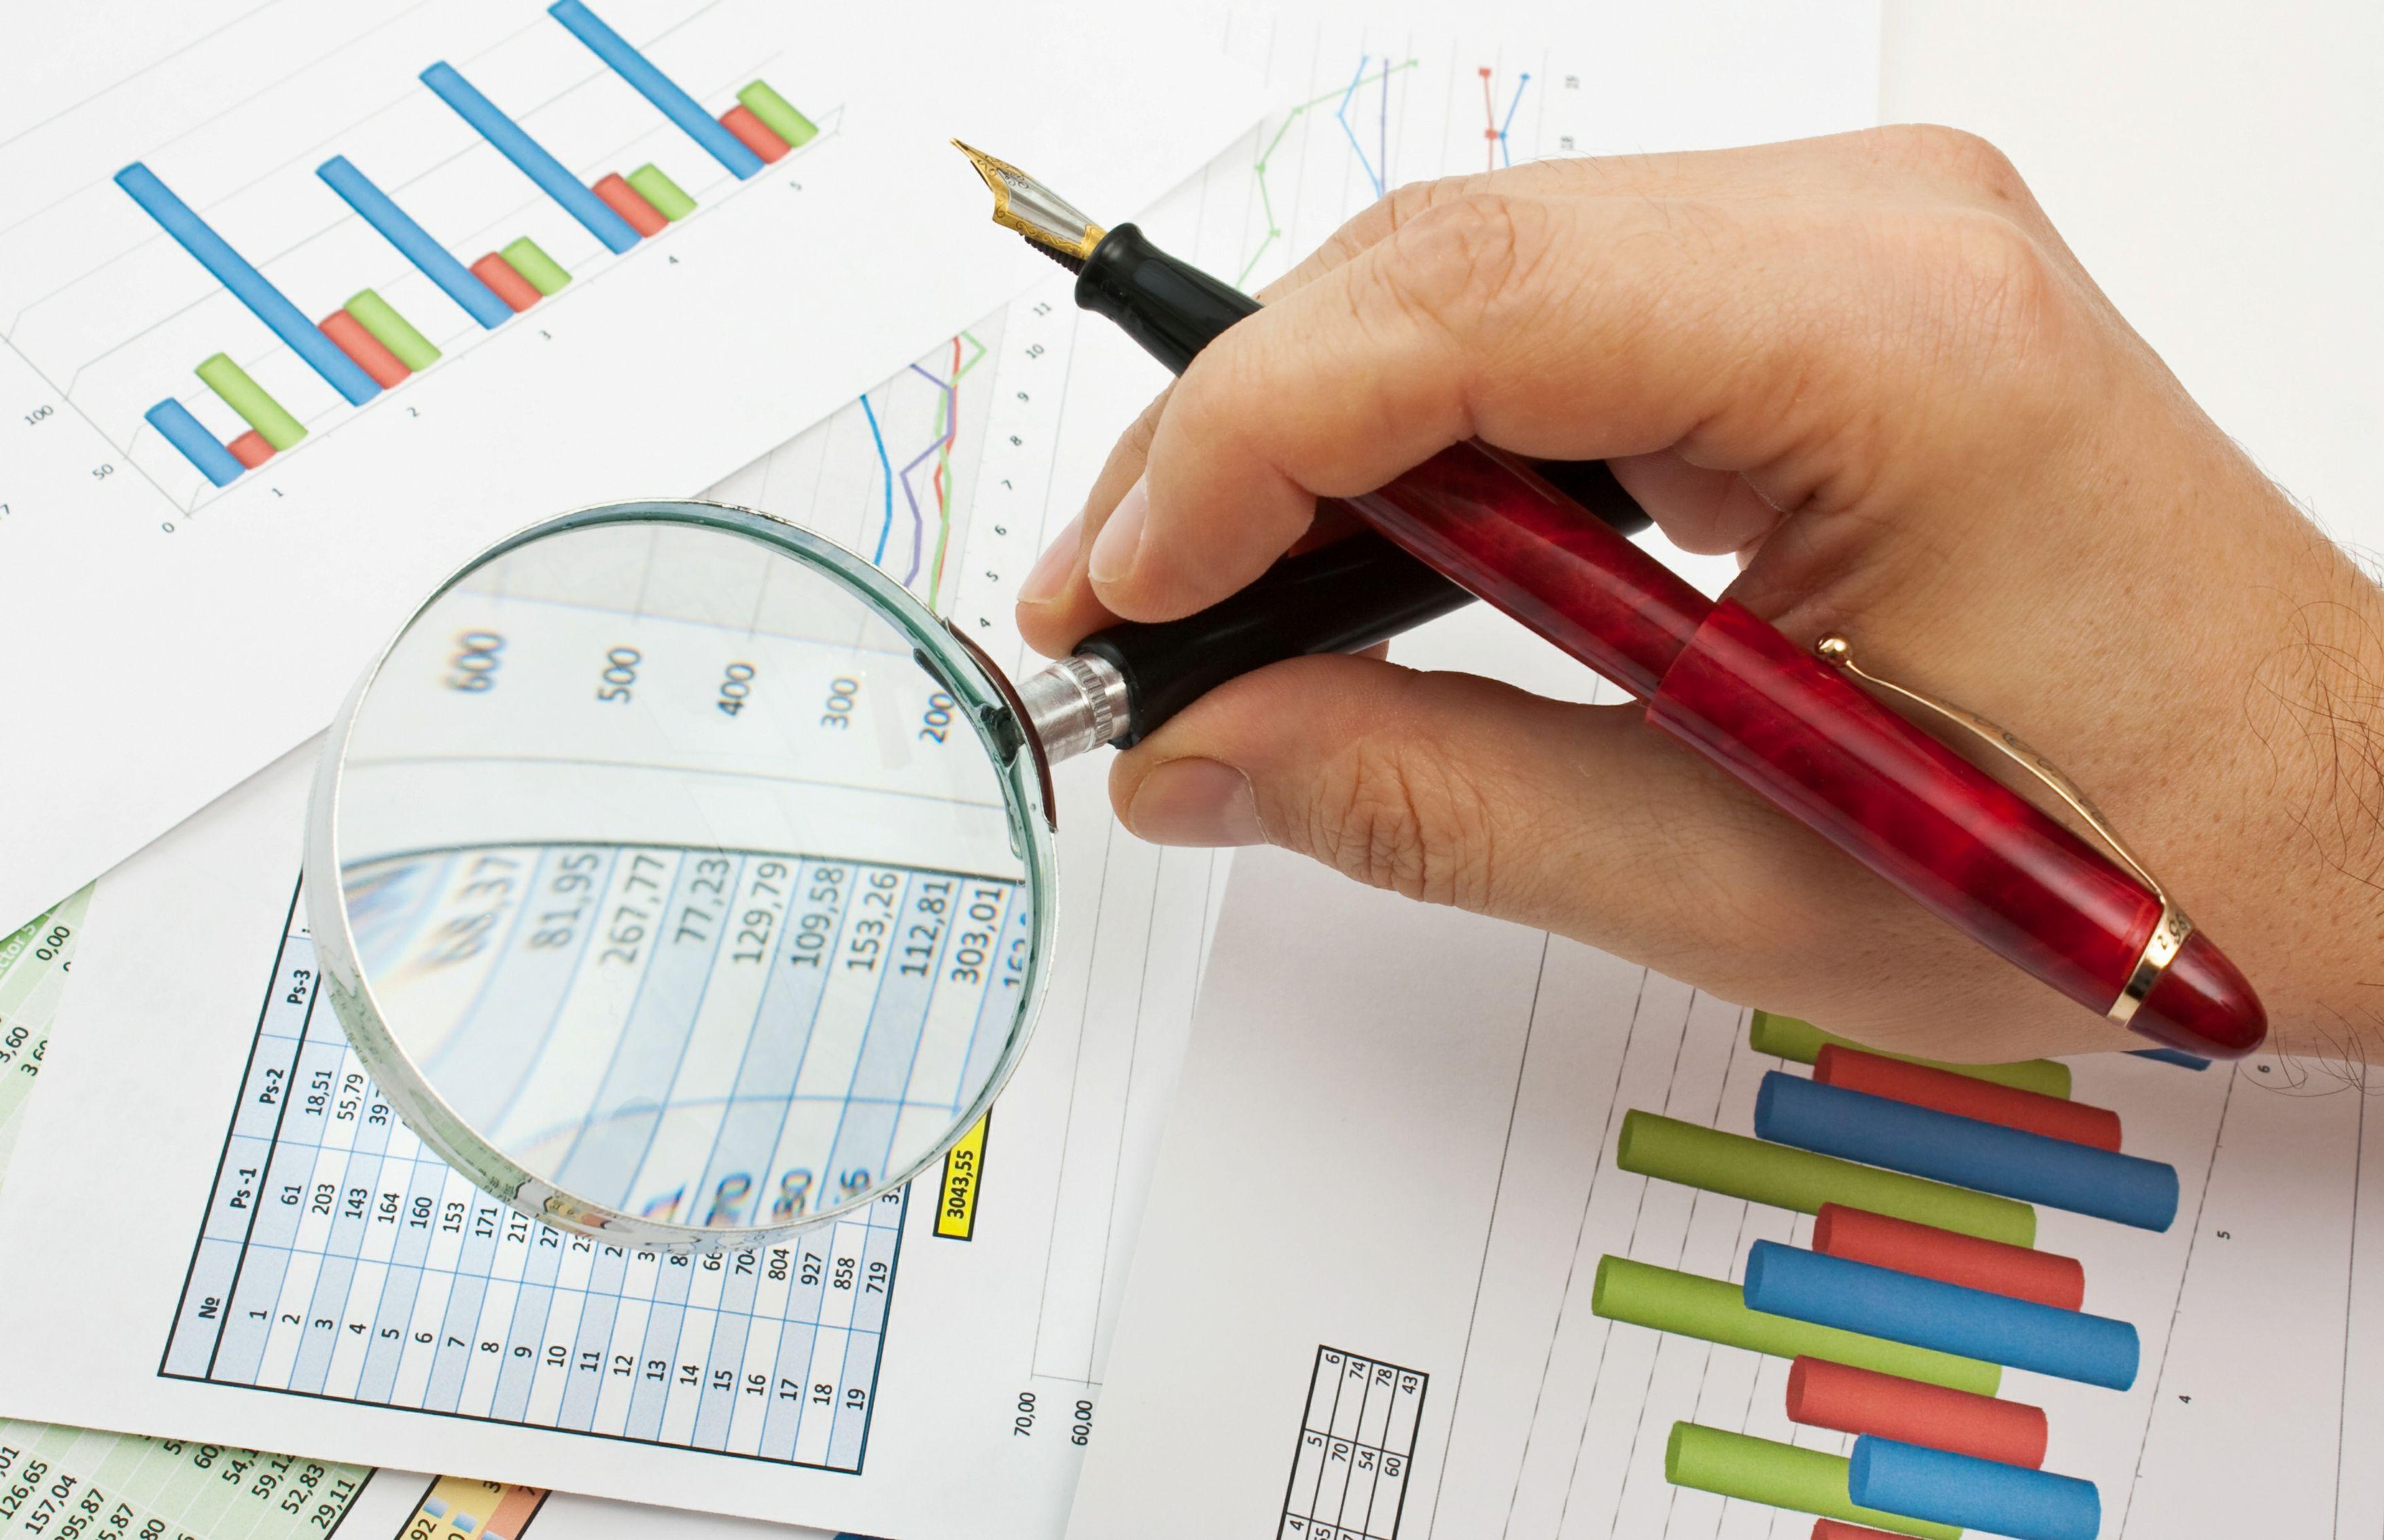 格隆汇港股聚焦(2.18)︱汇丰控股明日公布业绩 石四药集团2018年度纯利预增33%-40%